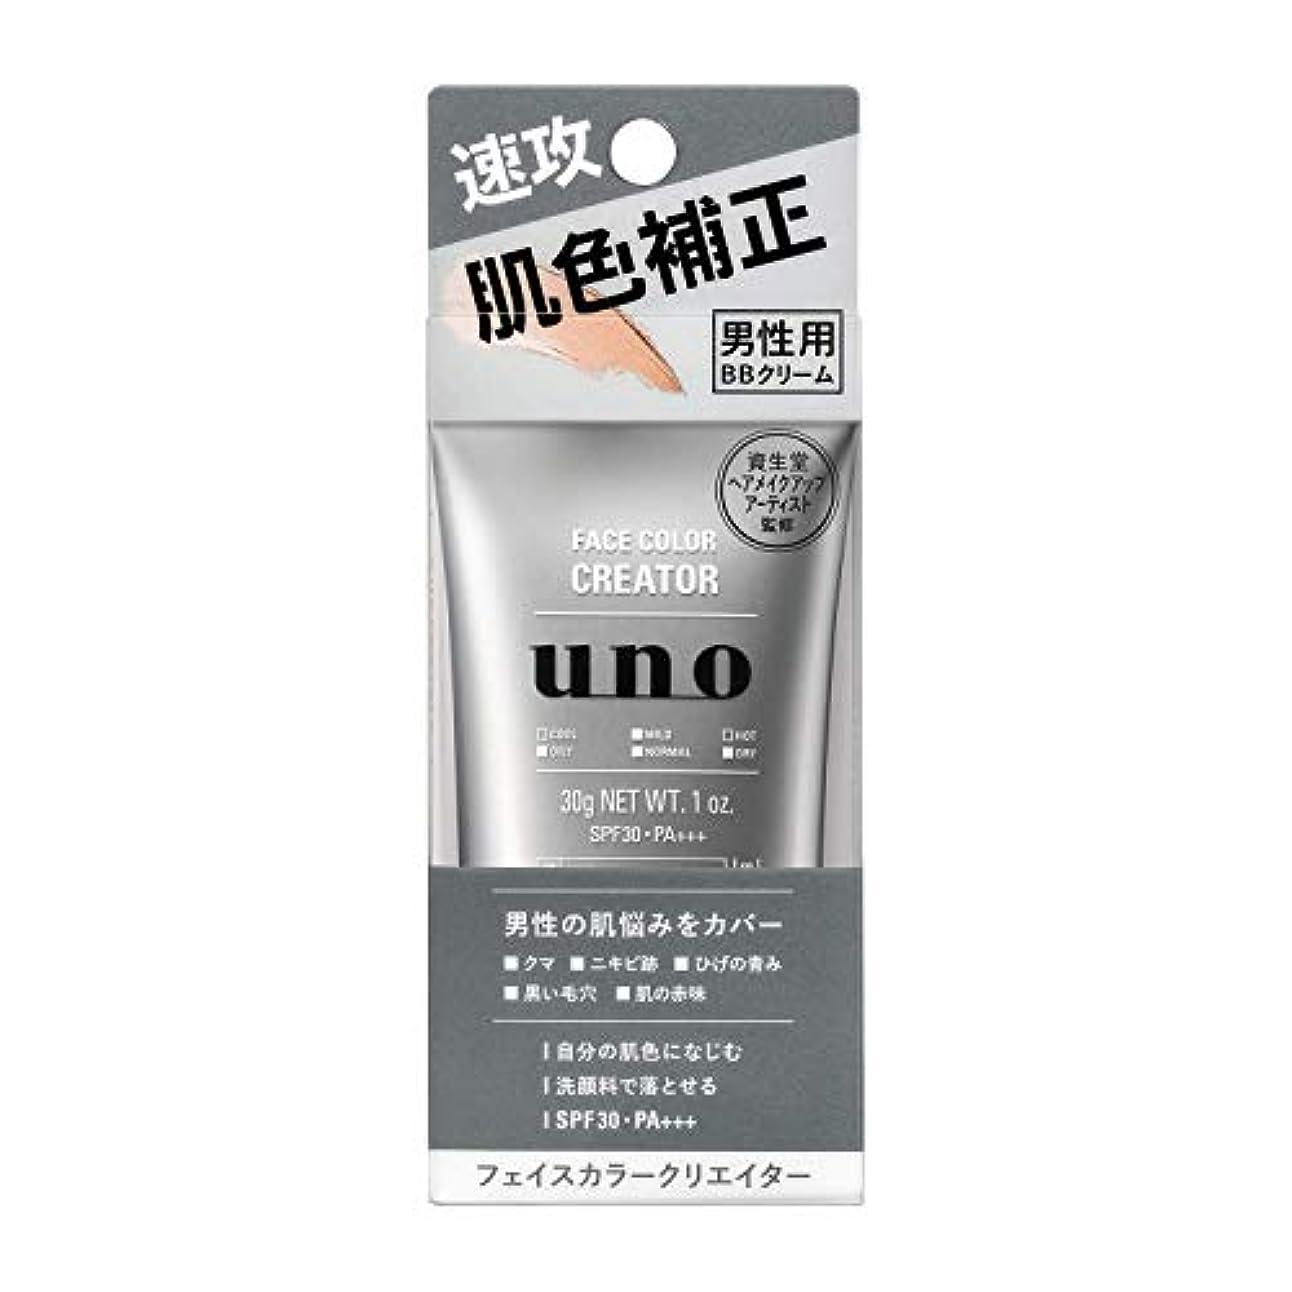 《セット販売》 資生堂 uno ウーノ フェイスカラークリエイター (30g)×3個セット メンズ 男性用 BBクリーム SPF30 PA+++